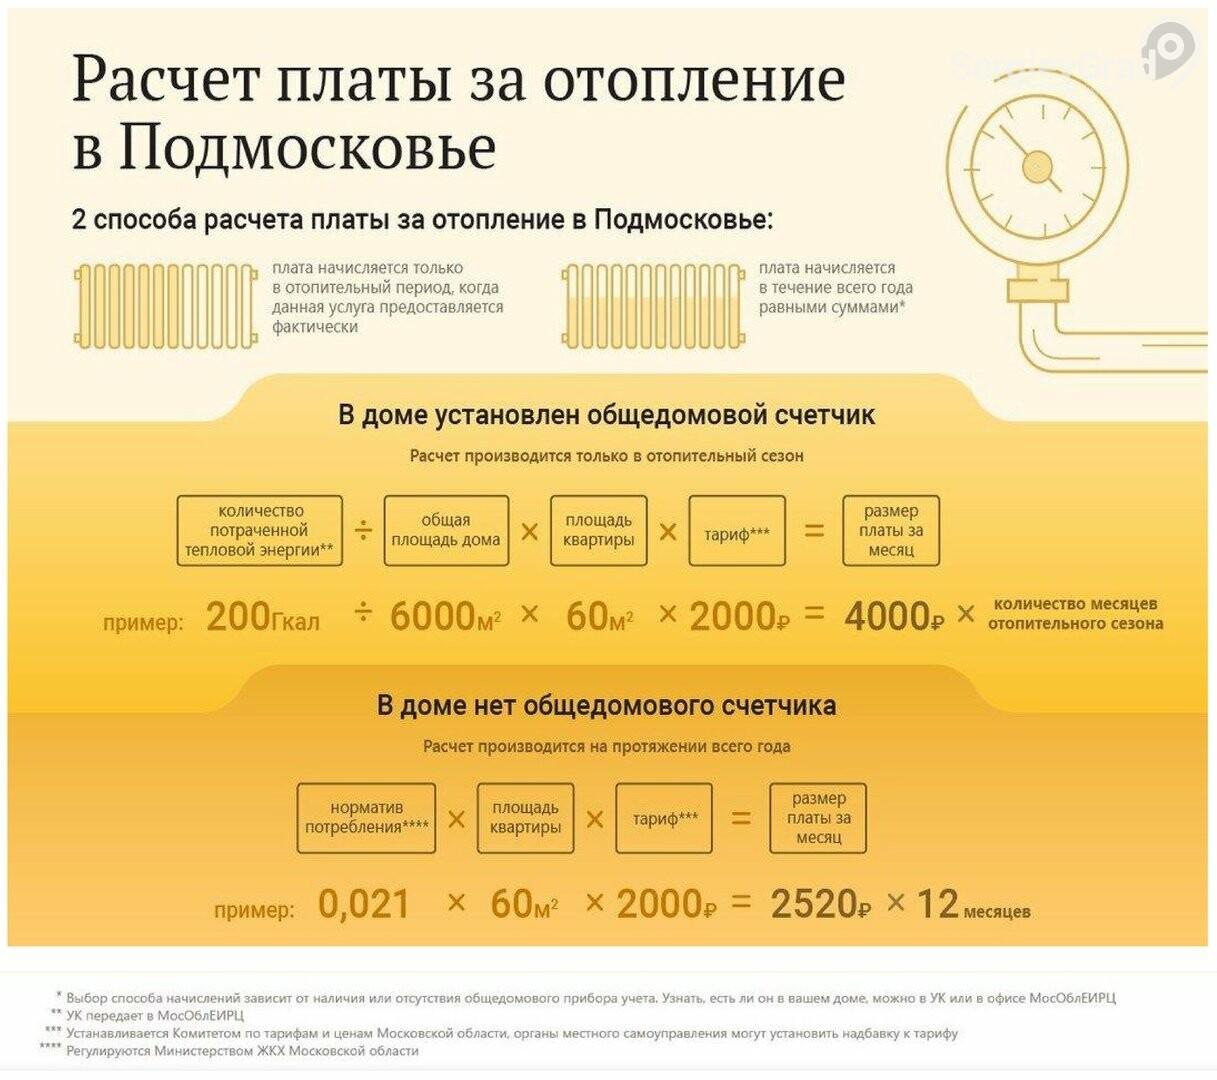 Как рассчитать сумму оплаты за отопление в Московской области, фото-1